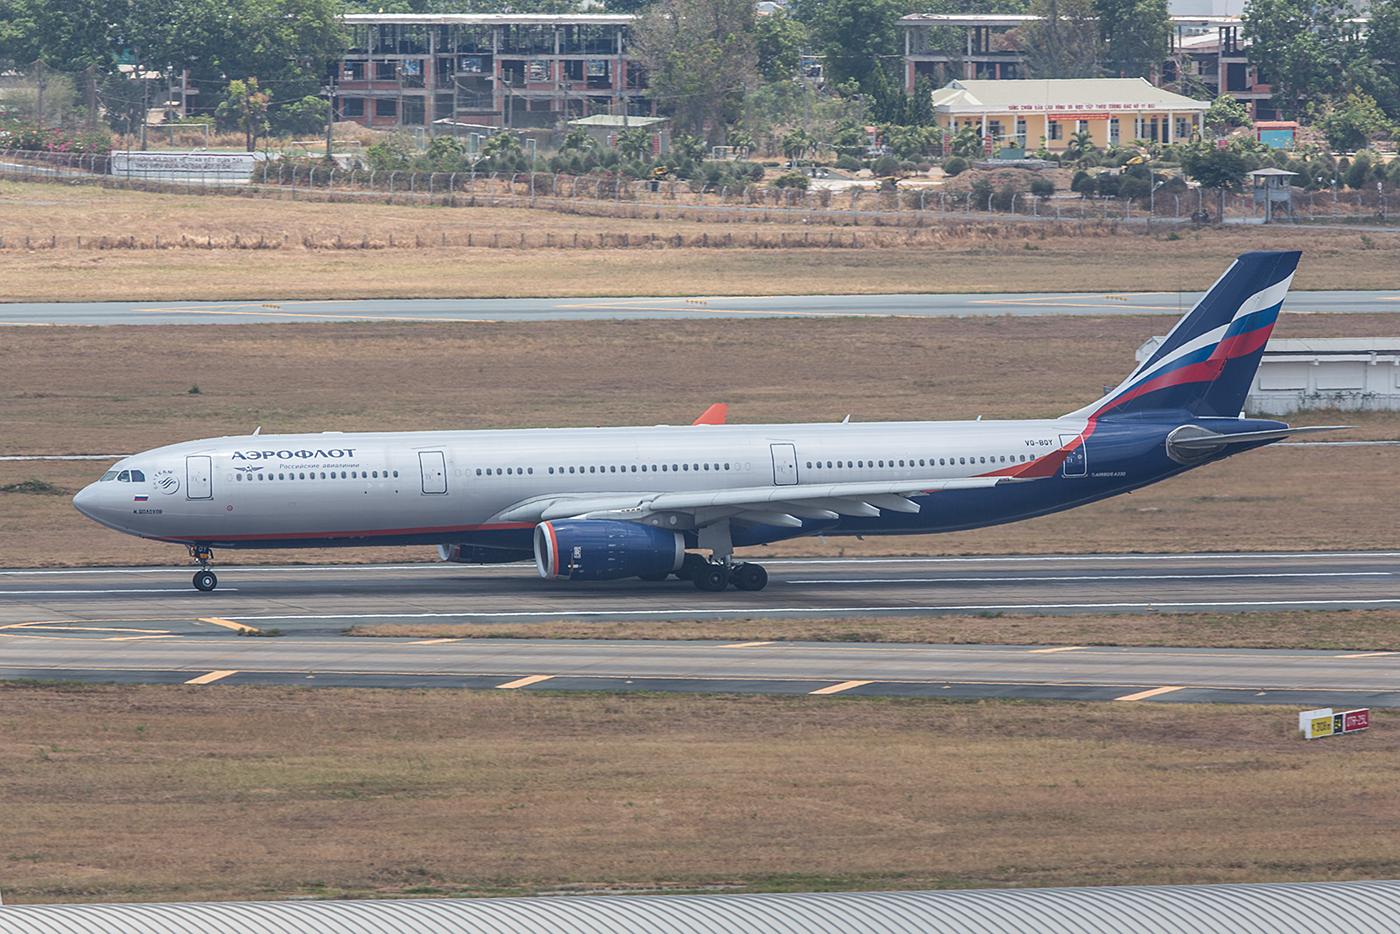 Einer der wenigen europäischen Flieger in SGN ist die Aeroflot.